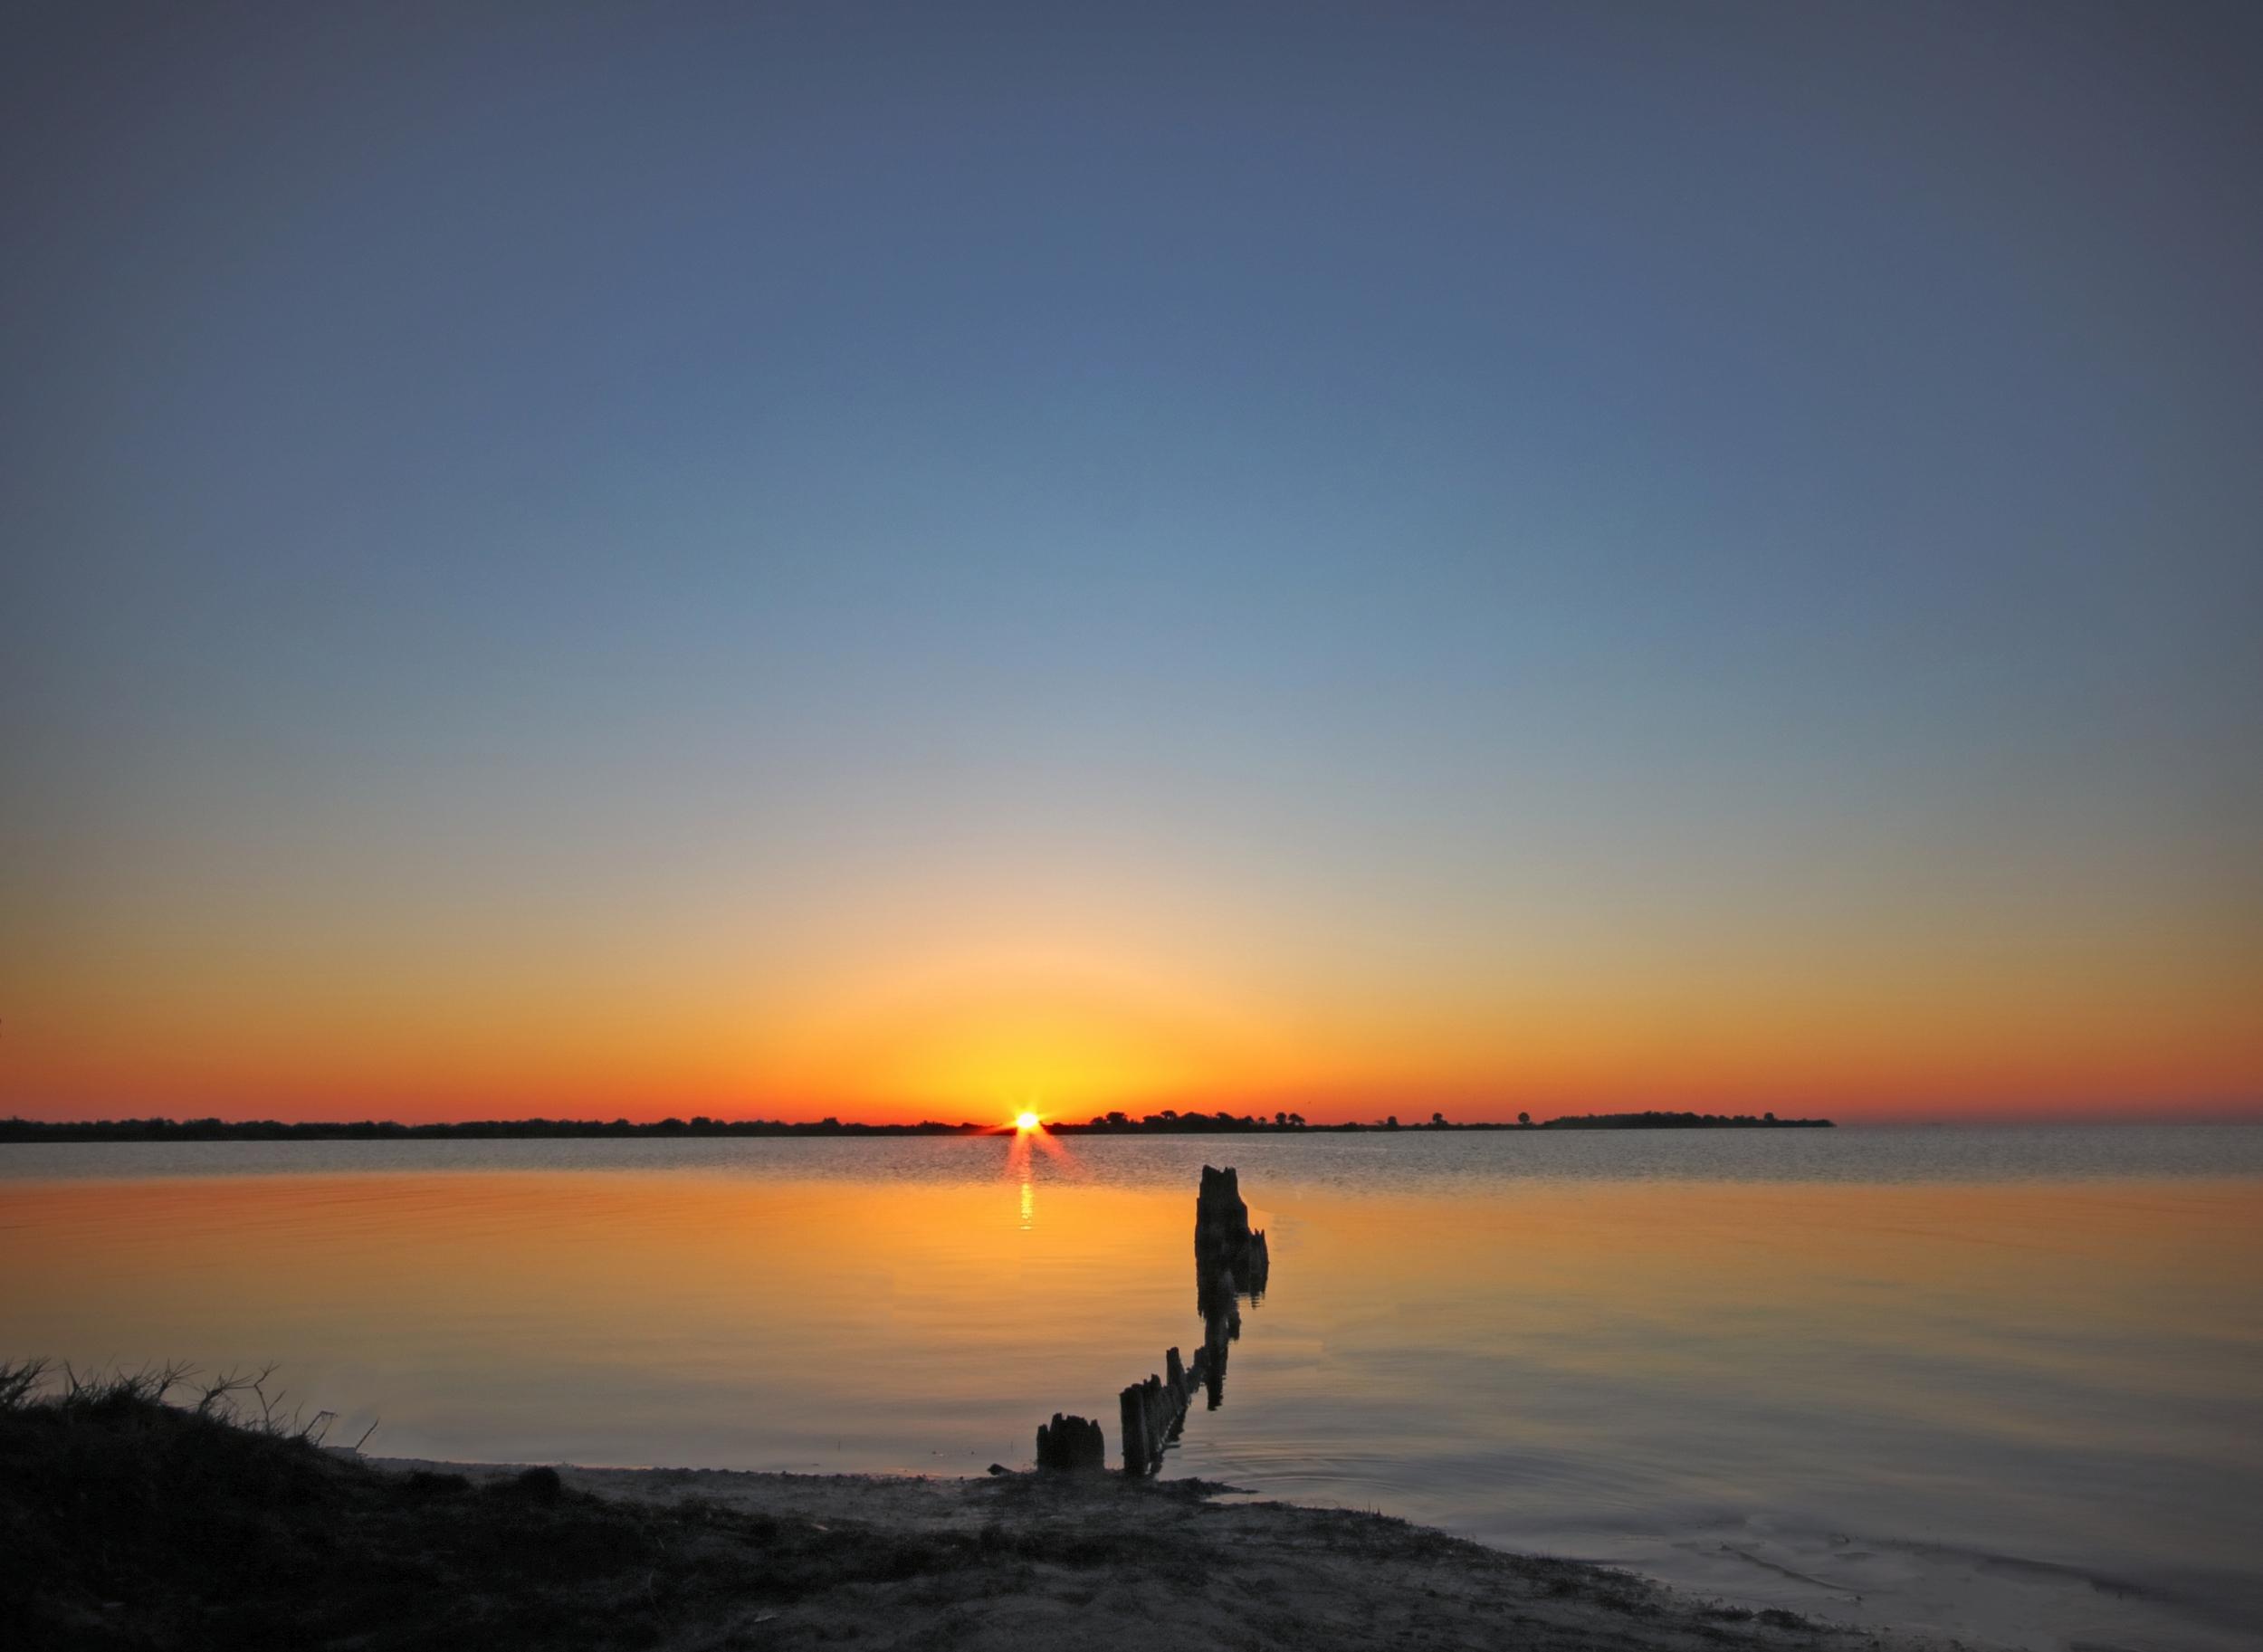 Sunrise over Merritt Island National Wildlife Reserve (MINWR)